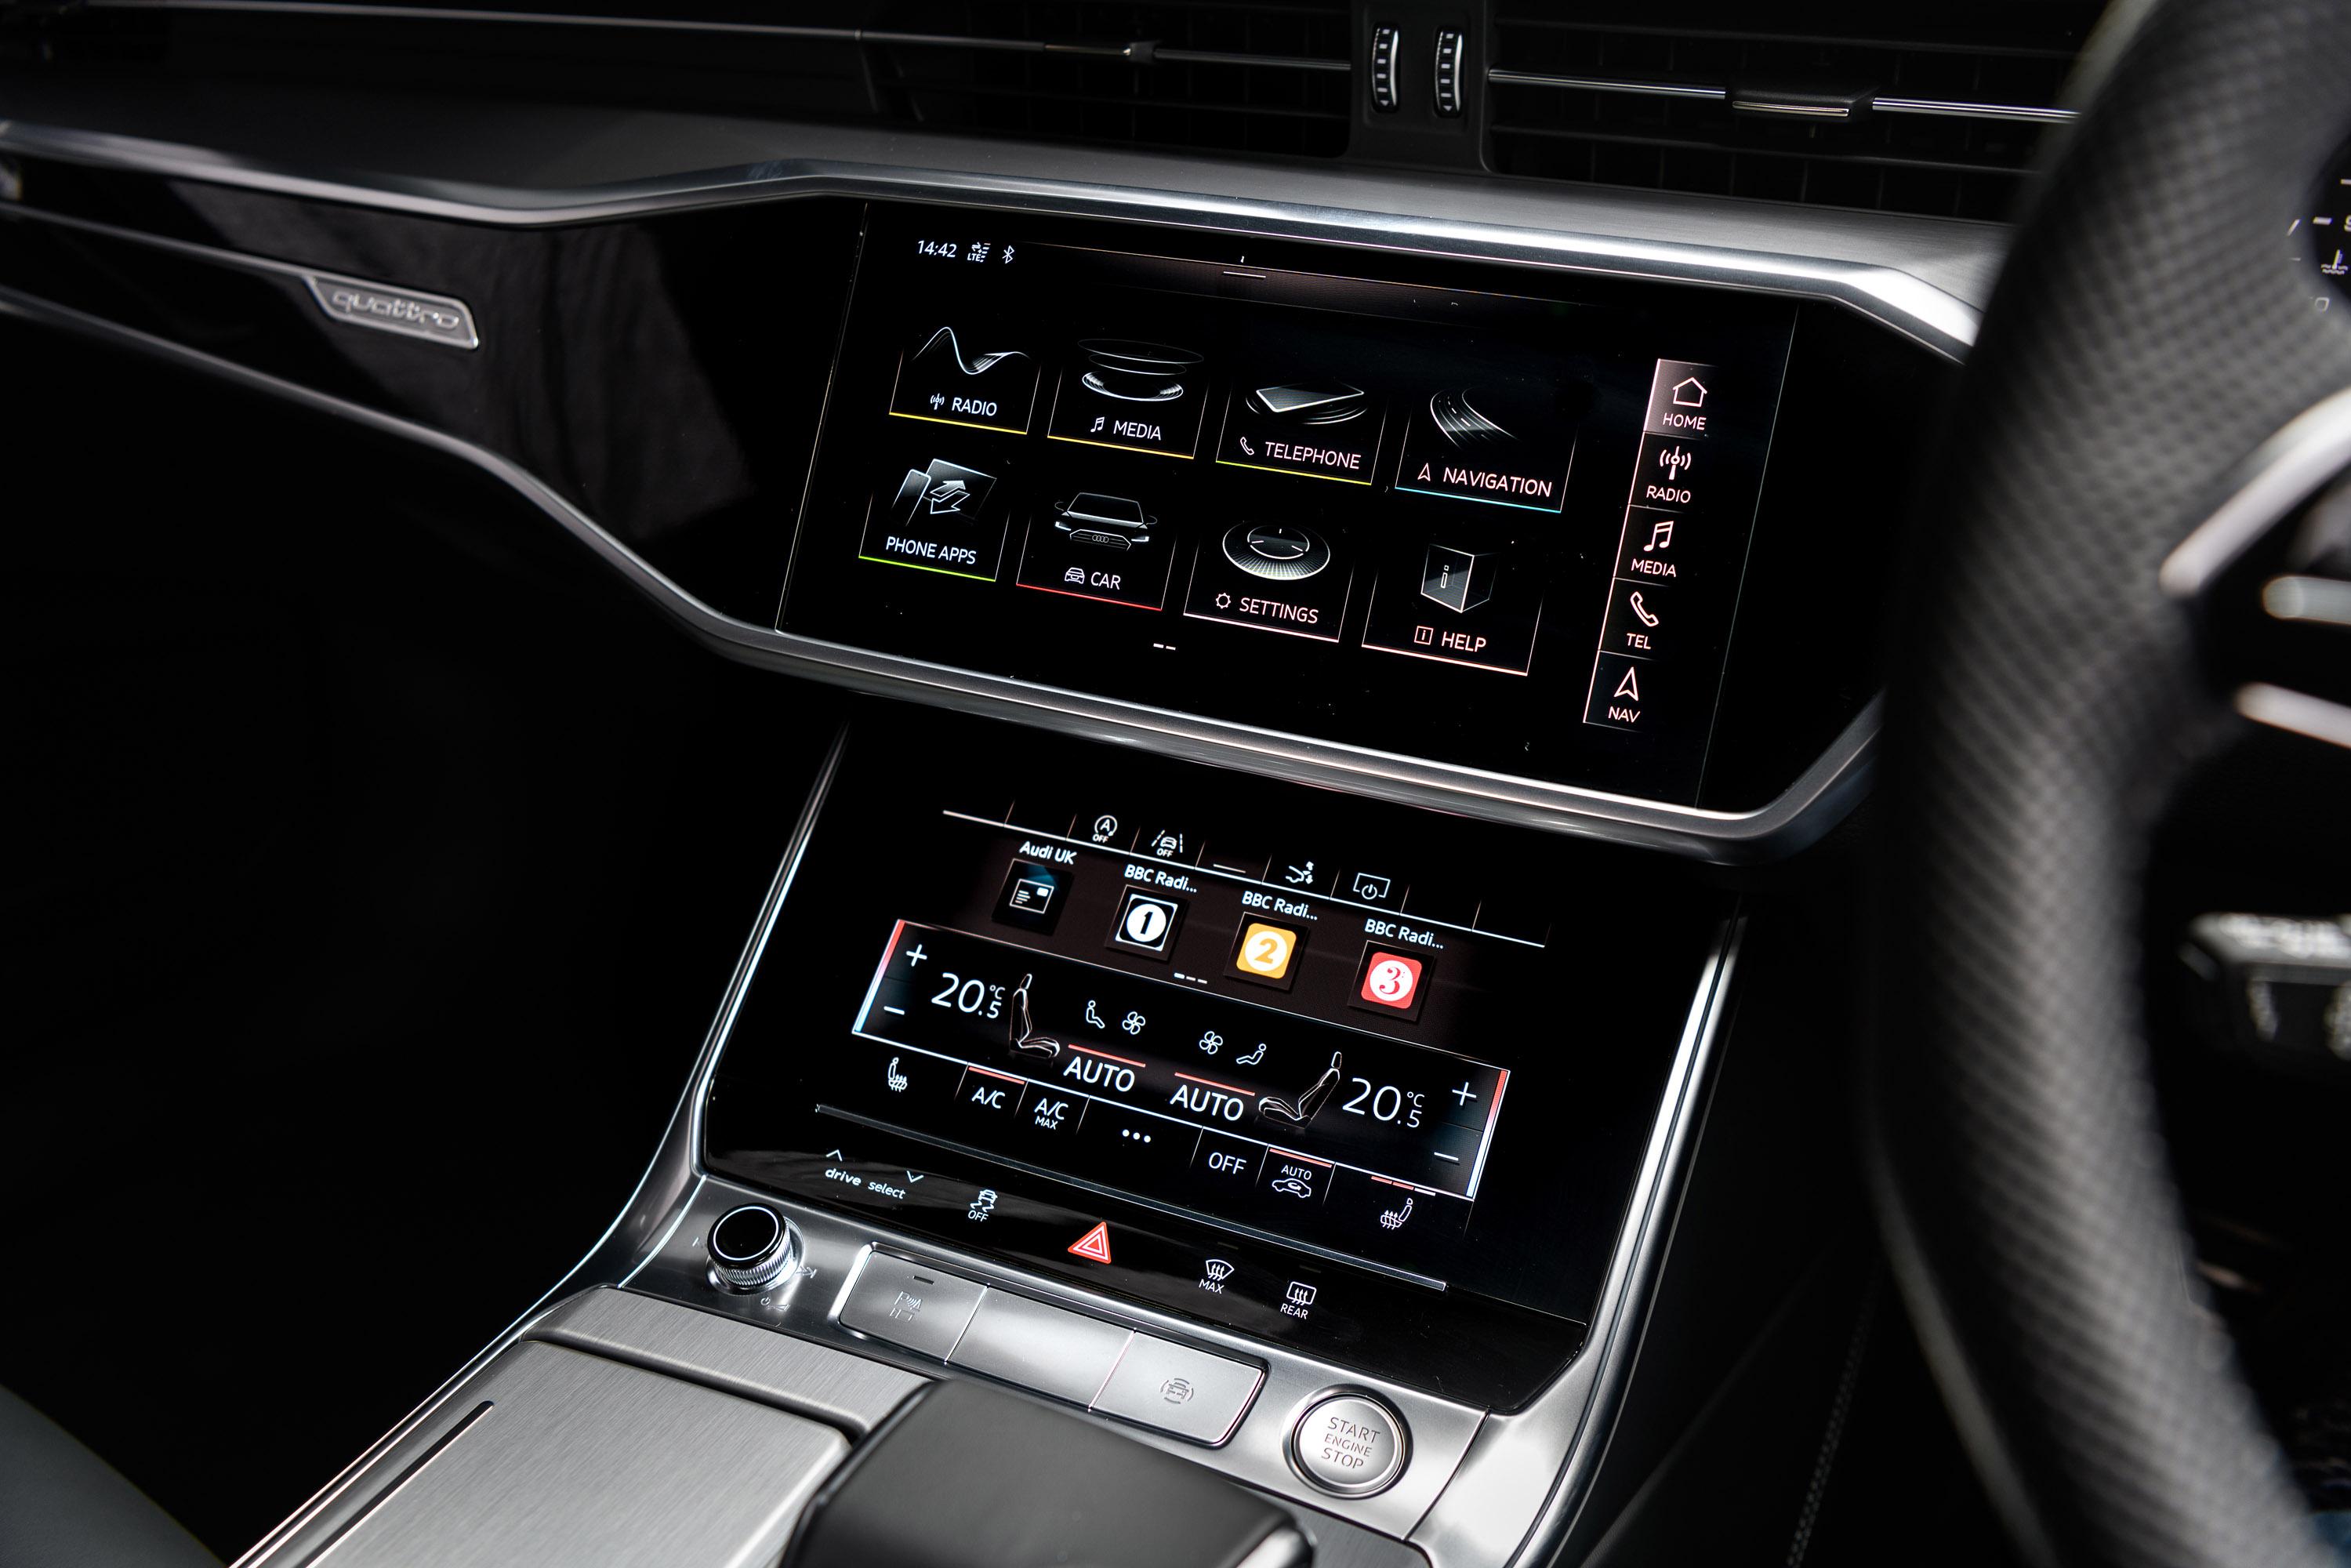 Кроме того, как вы, возможно, ожидаете, обновленный A7 Sportback не будет иметь недостатка в функциях и системах безопасности. Машина 45 TDI Quattro будет предлагаться с системами MMI Navigation Plus с MM Touch, Audi Virtual Cockpit и камерой заднего